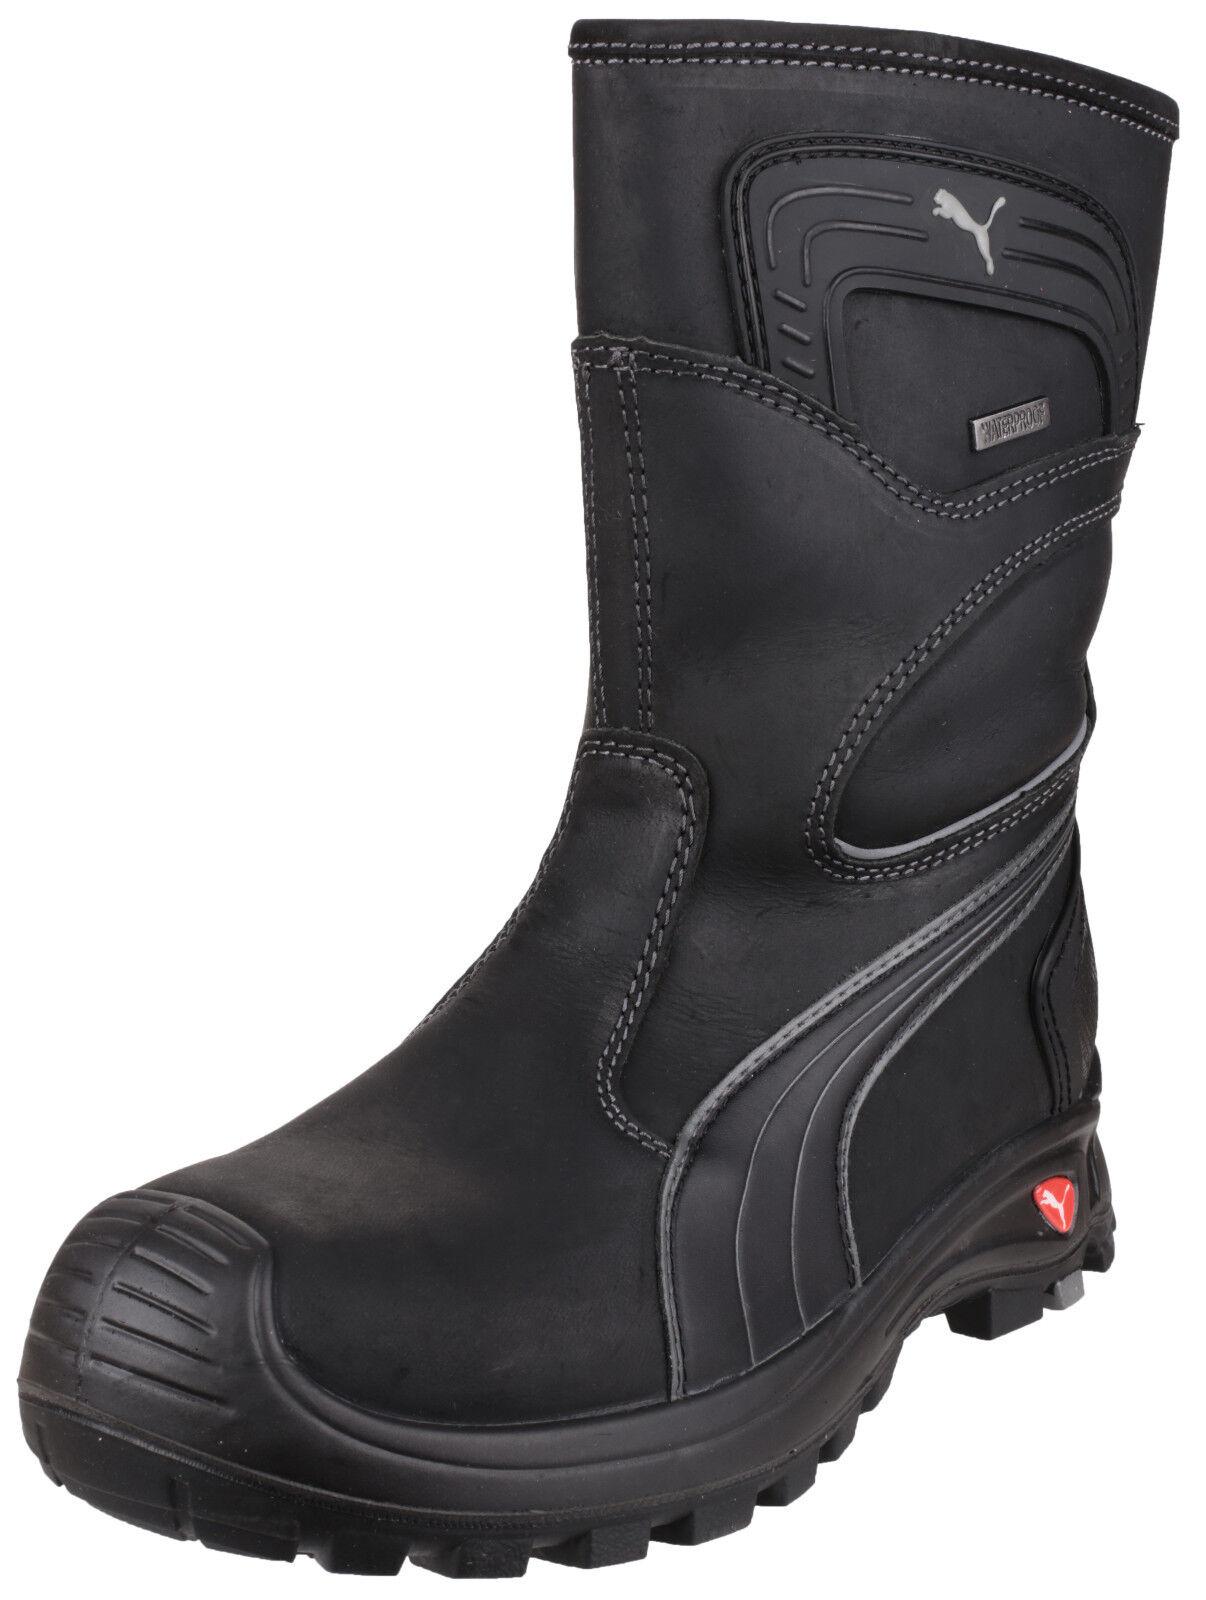 Puma Rigger Stivali Di Composita Sicurezza Da Uomo Punta Composita Di Scarpe Lavoro Industriale Footwear 64caab